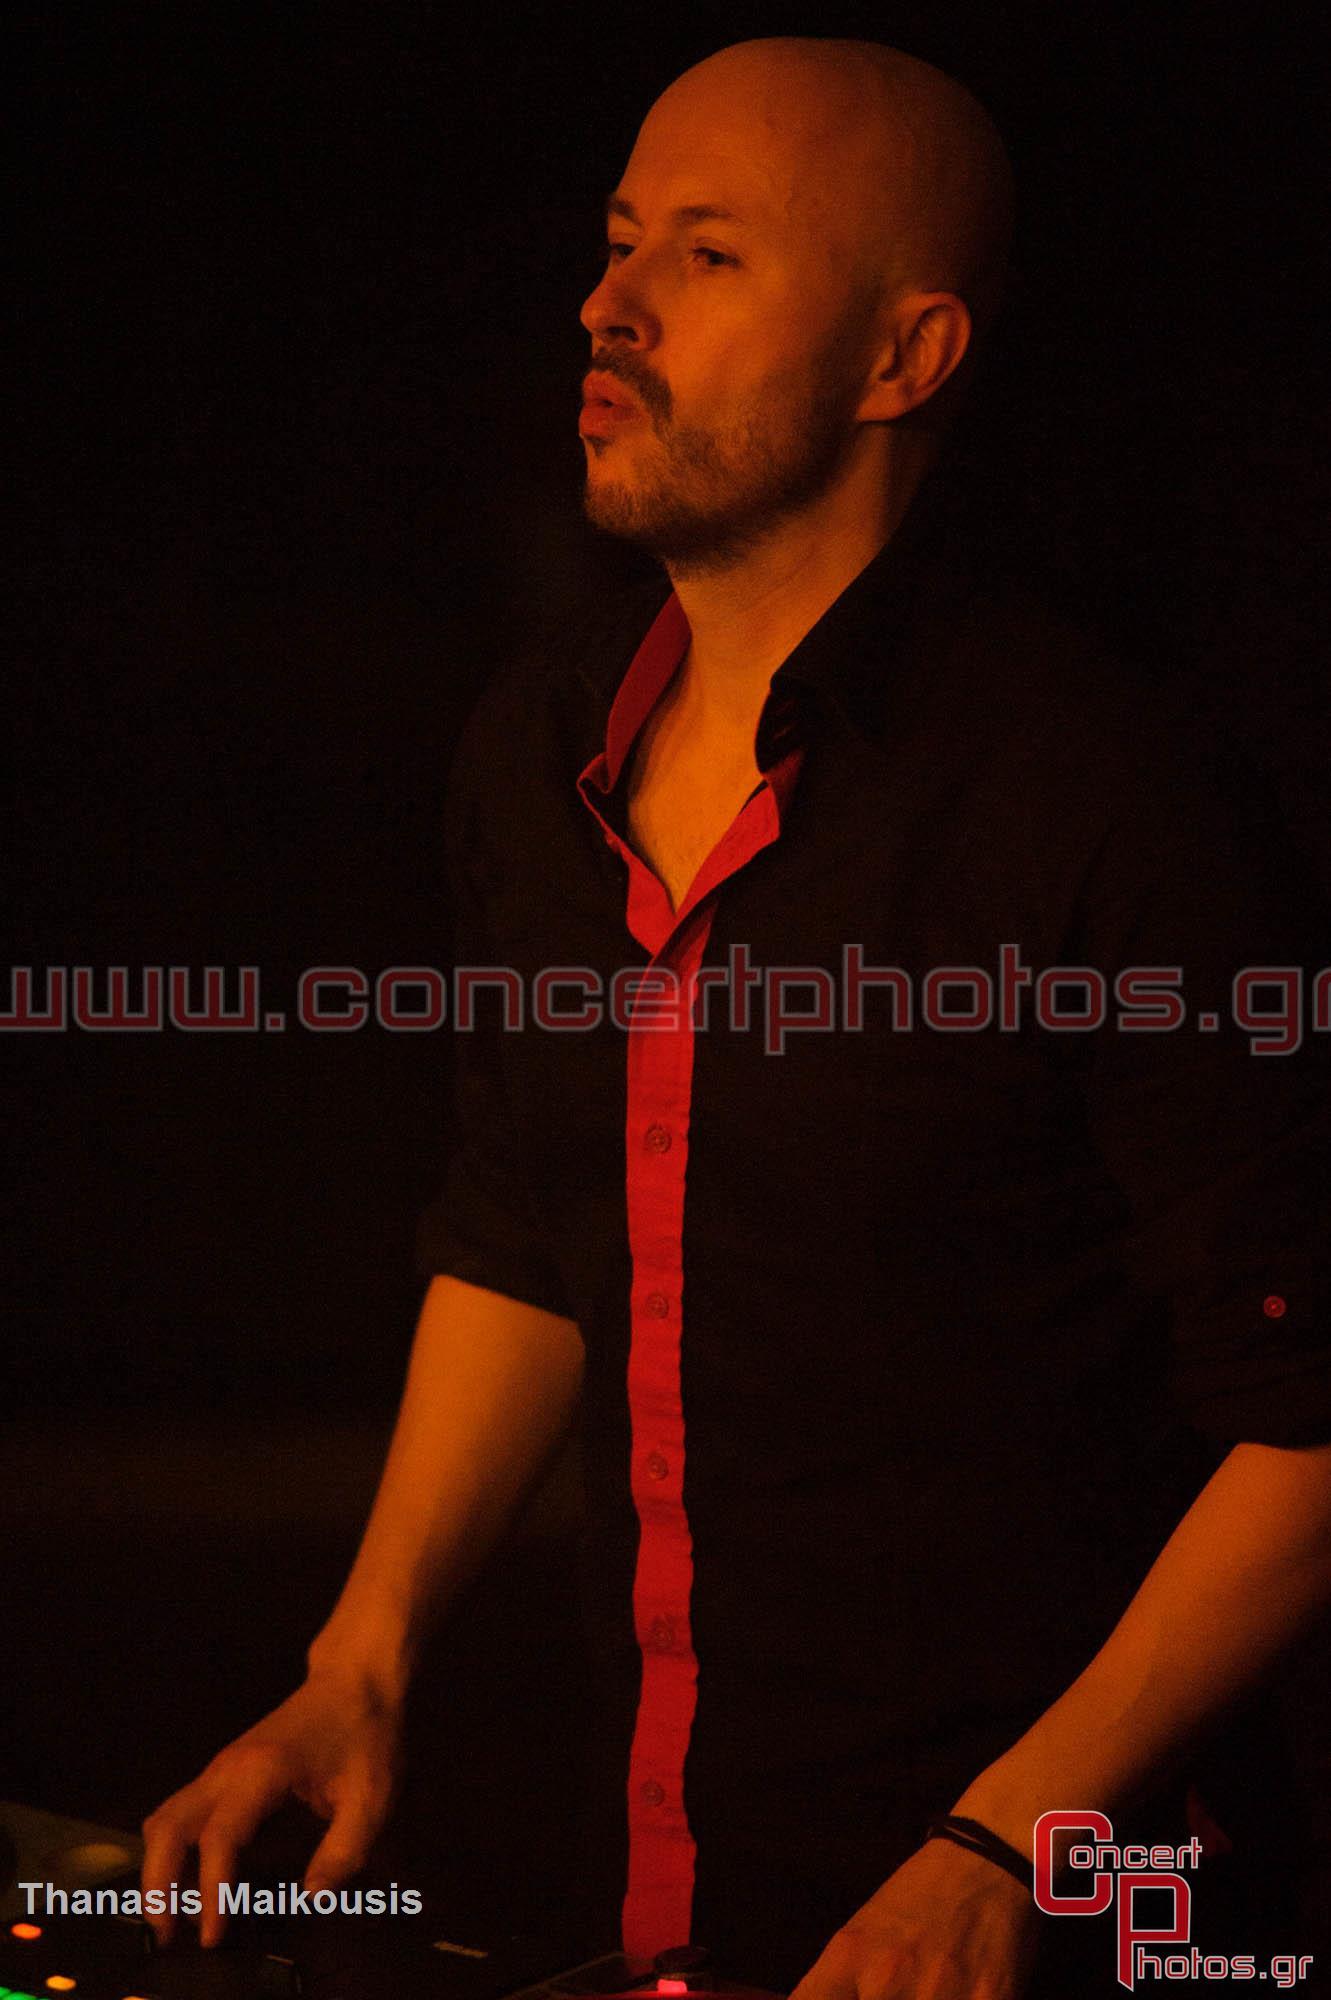 Wax Tailor - photographer: Thanasis Maikousis - ConcertPhotos-7968